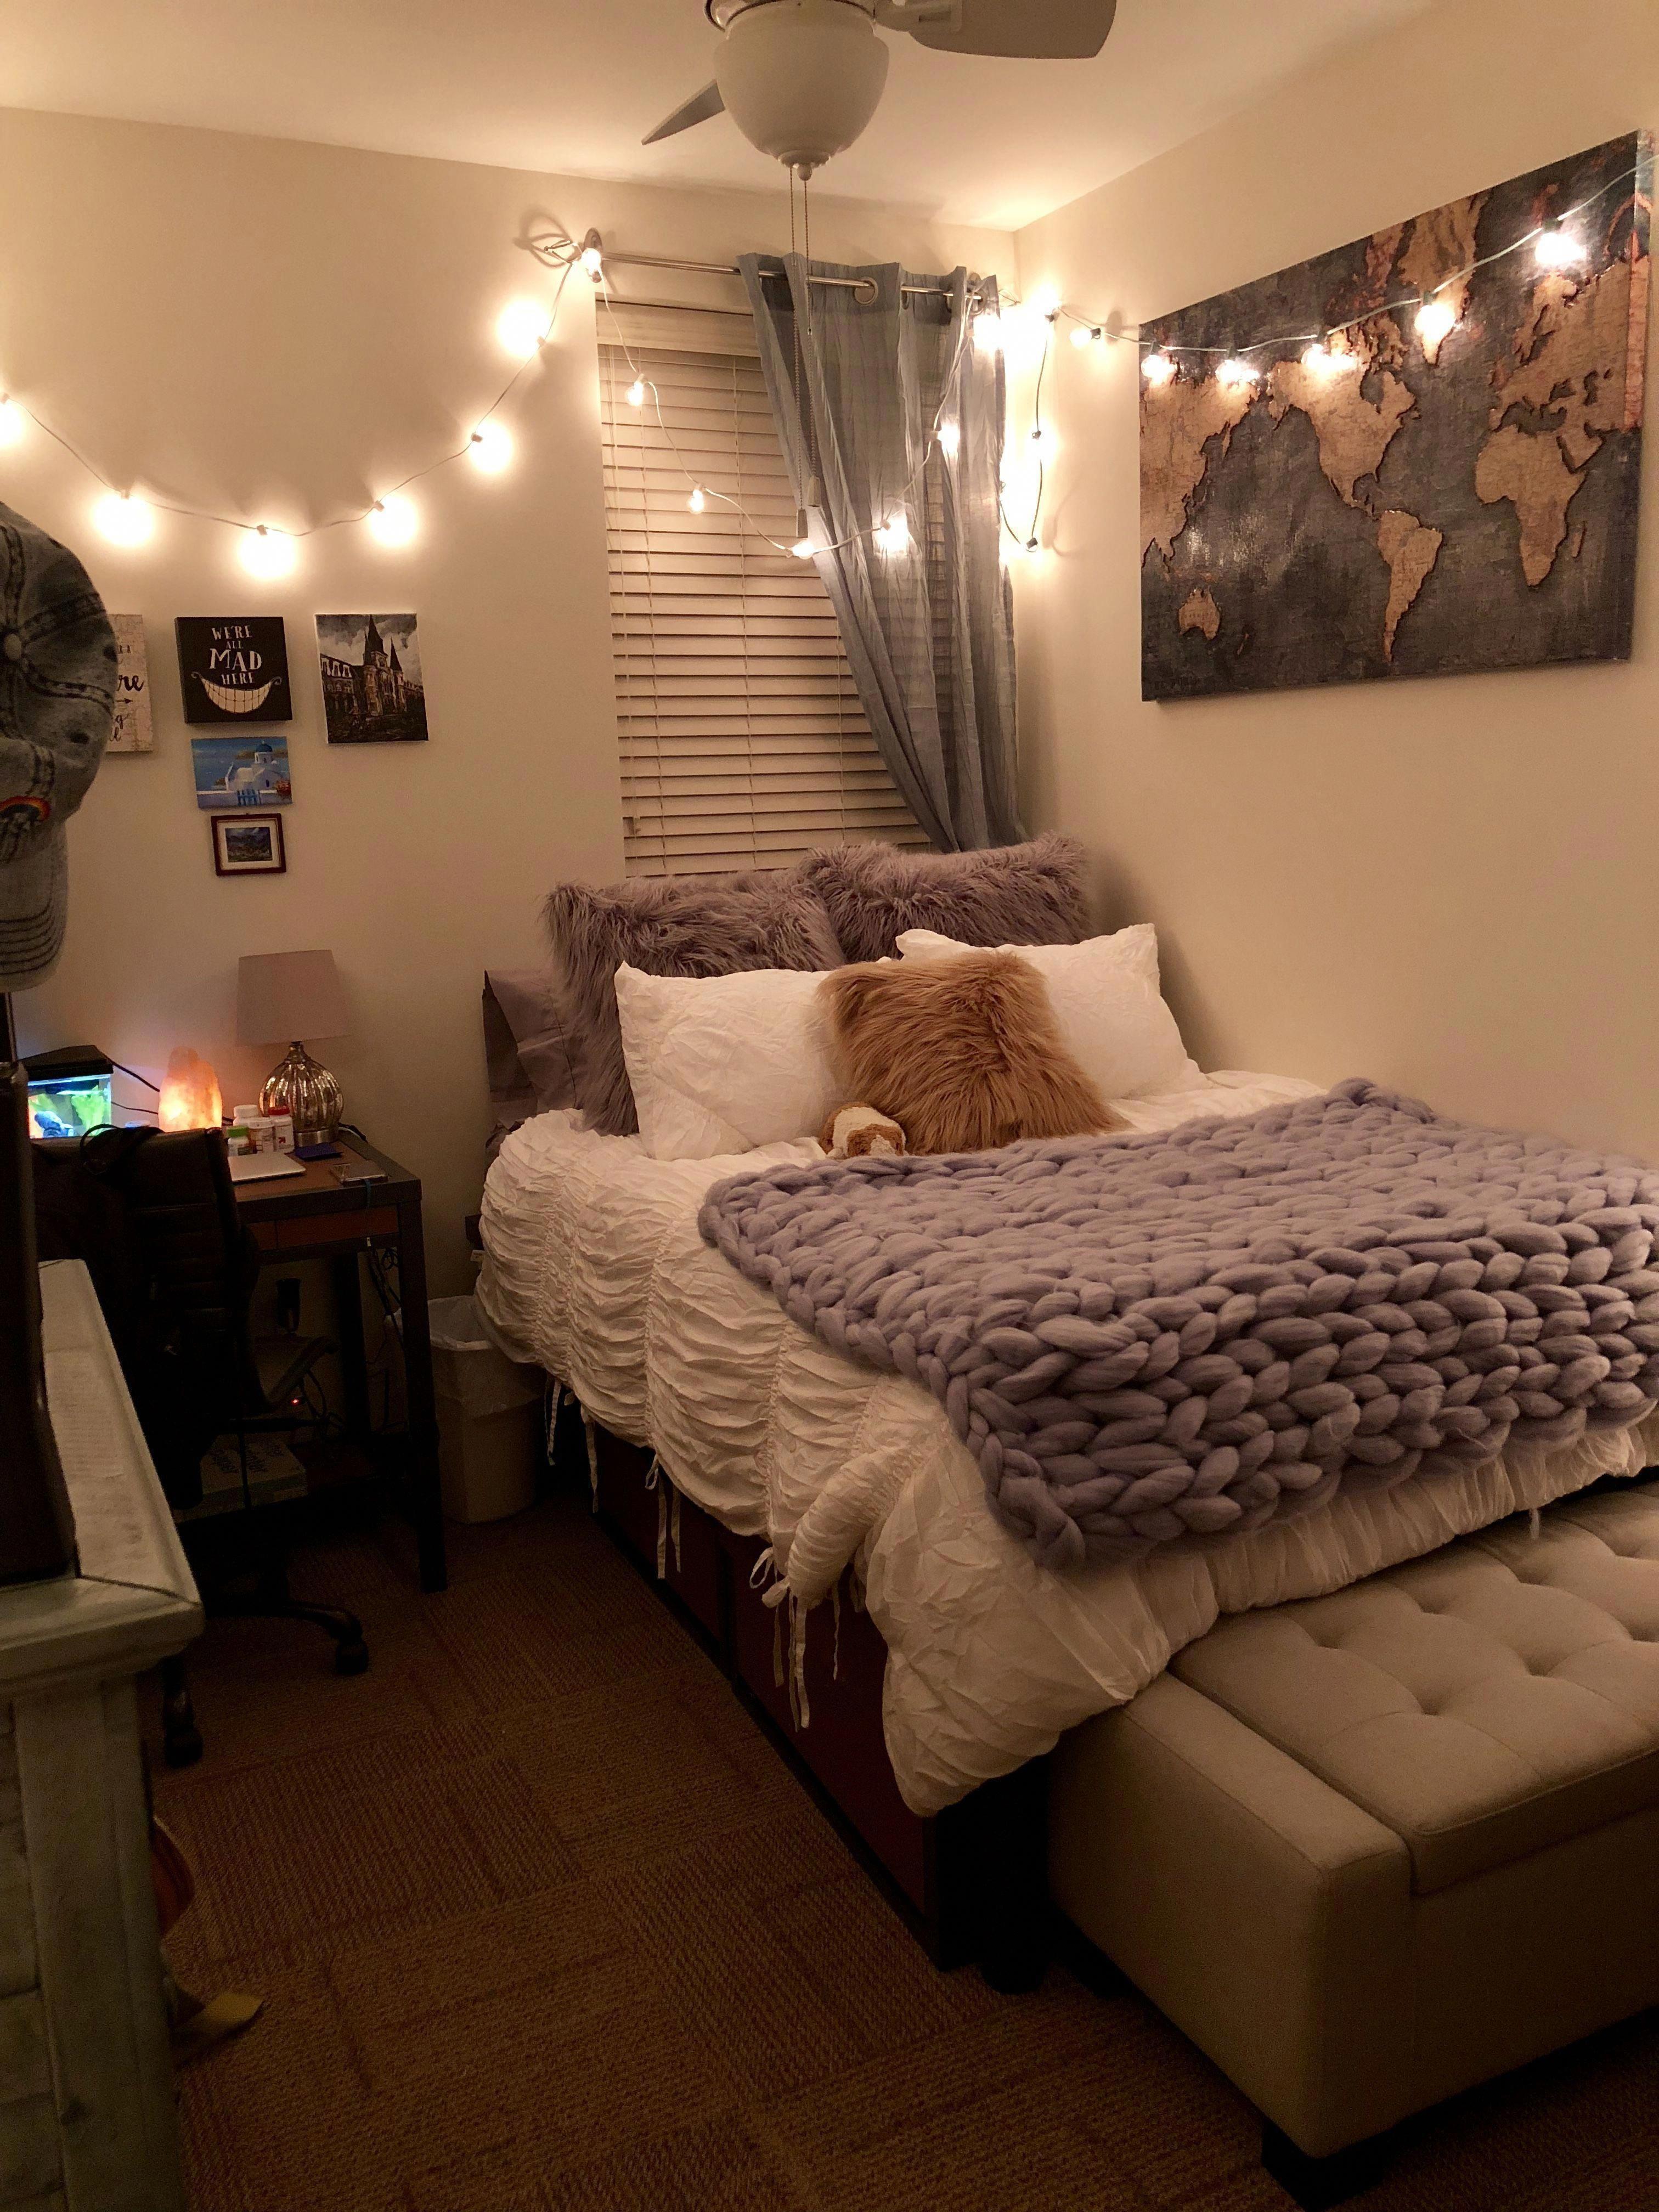 Home Decor Essentials #Homedecors - Store   Cozy dorm room